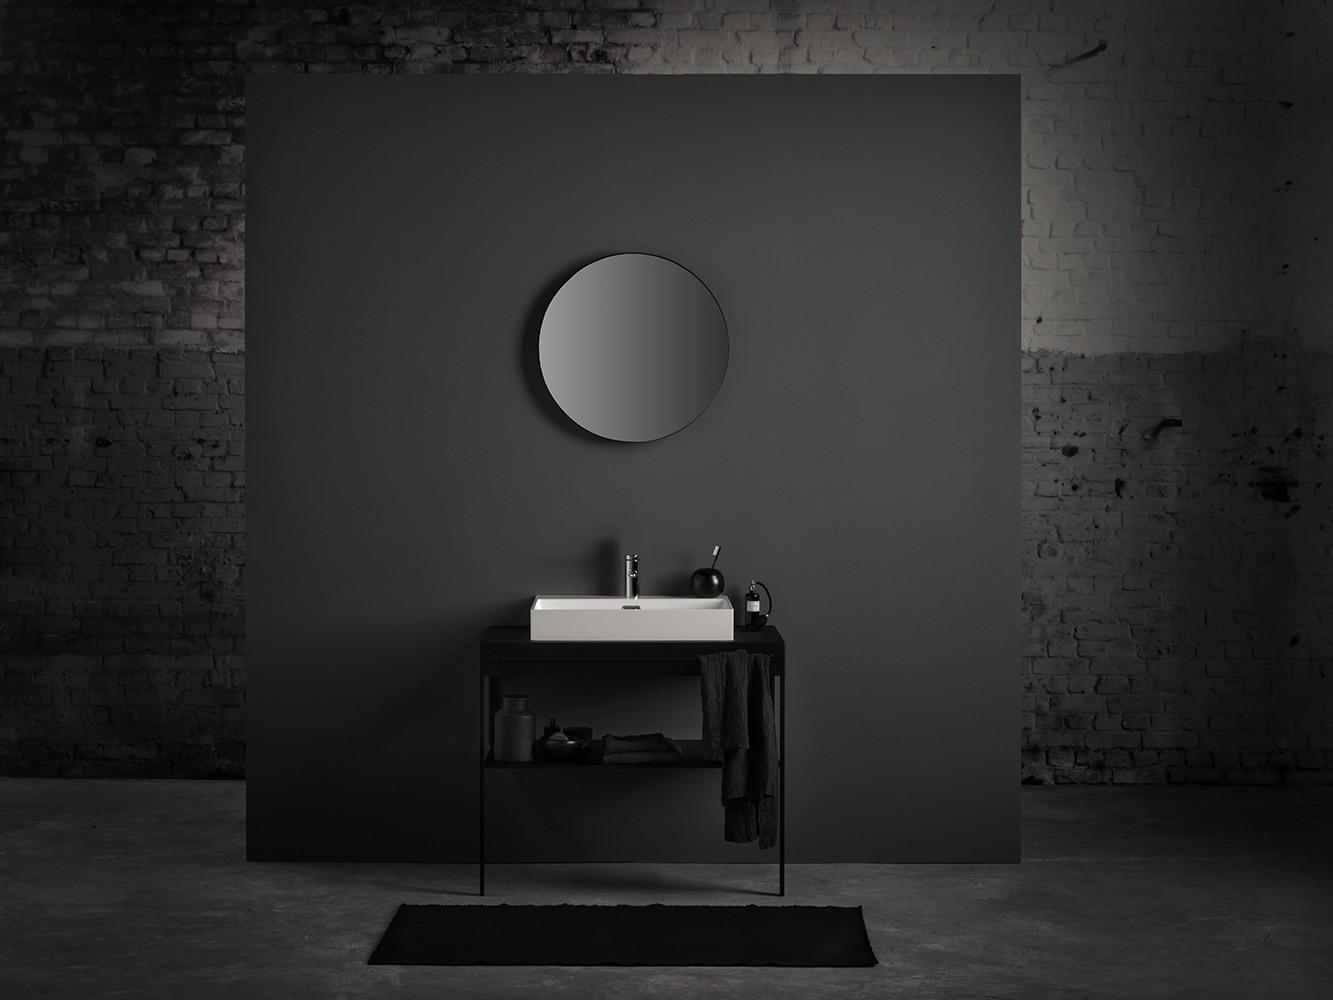 Spiegel Zwart Staal : Badkamer spiegel rond zwart zwarte ronde spiegel gallery of latest